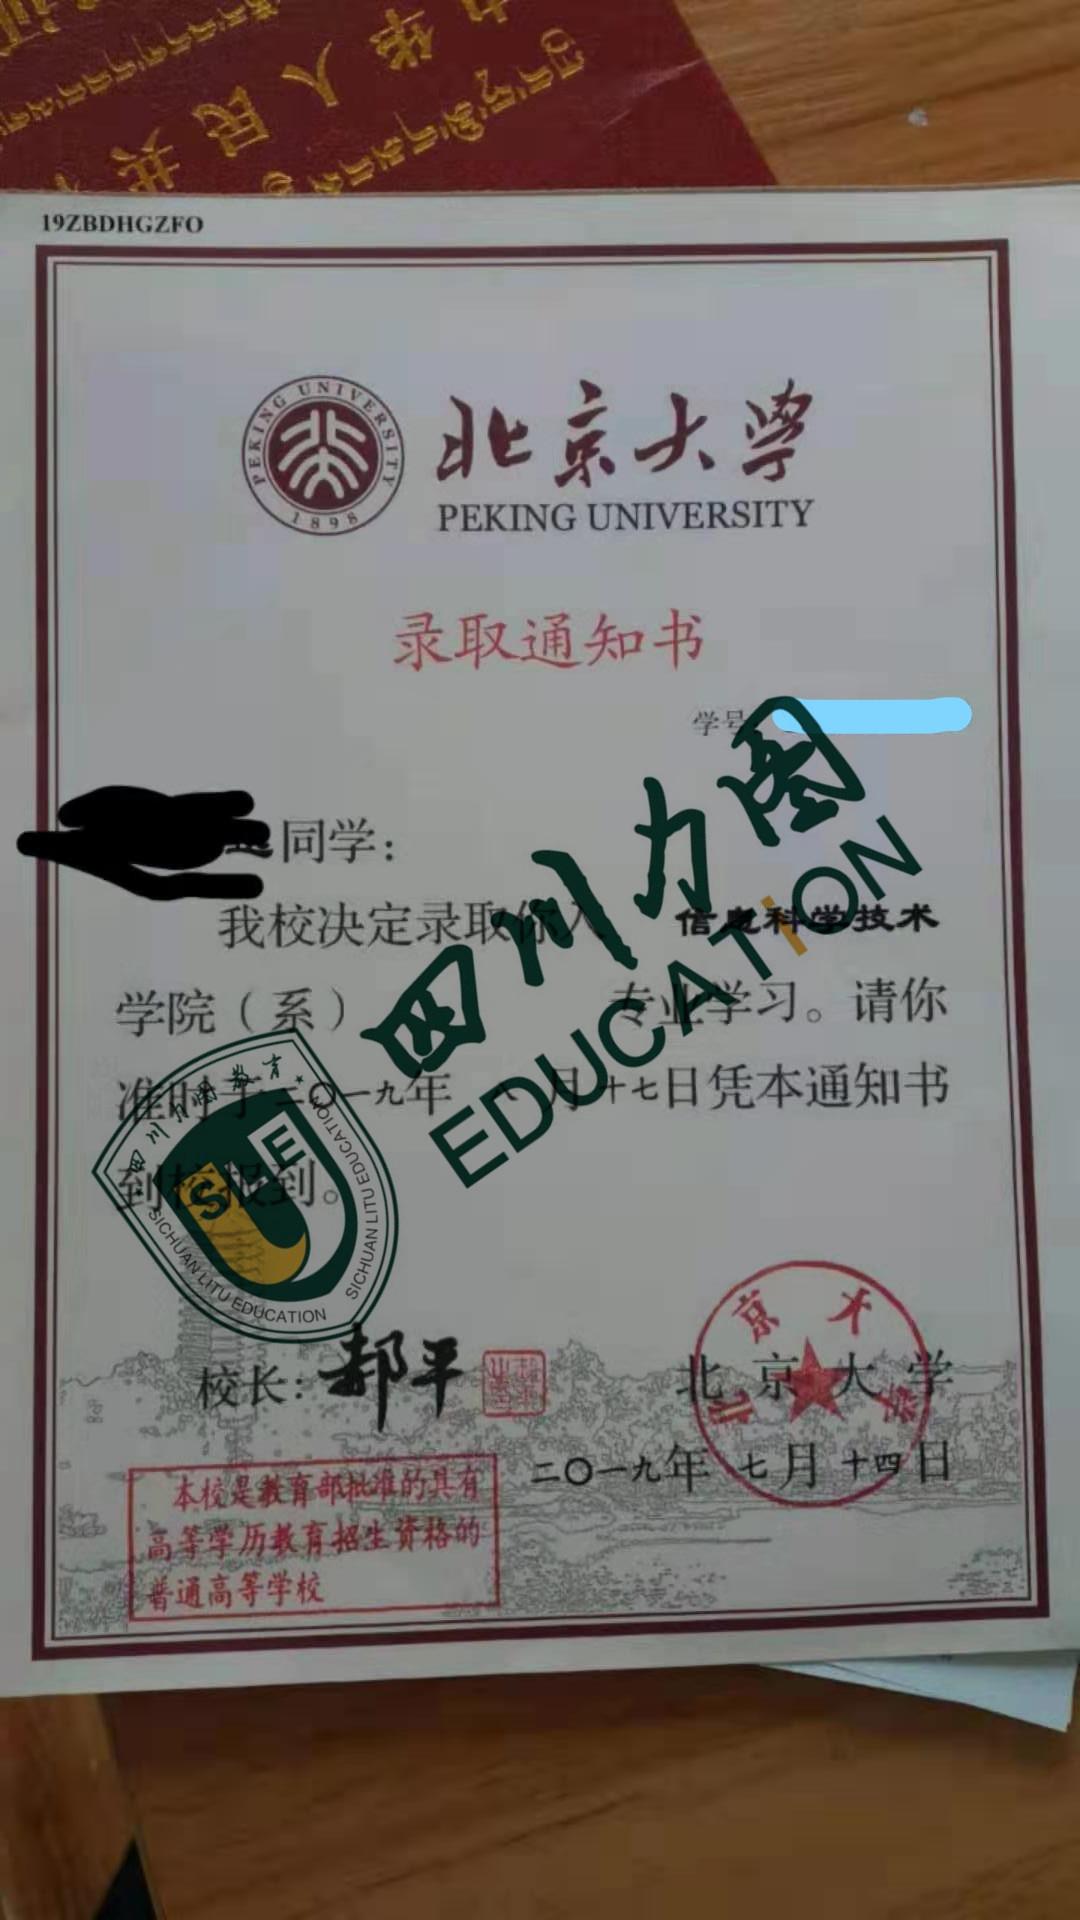 西藏2019年北京大学录取通知书